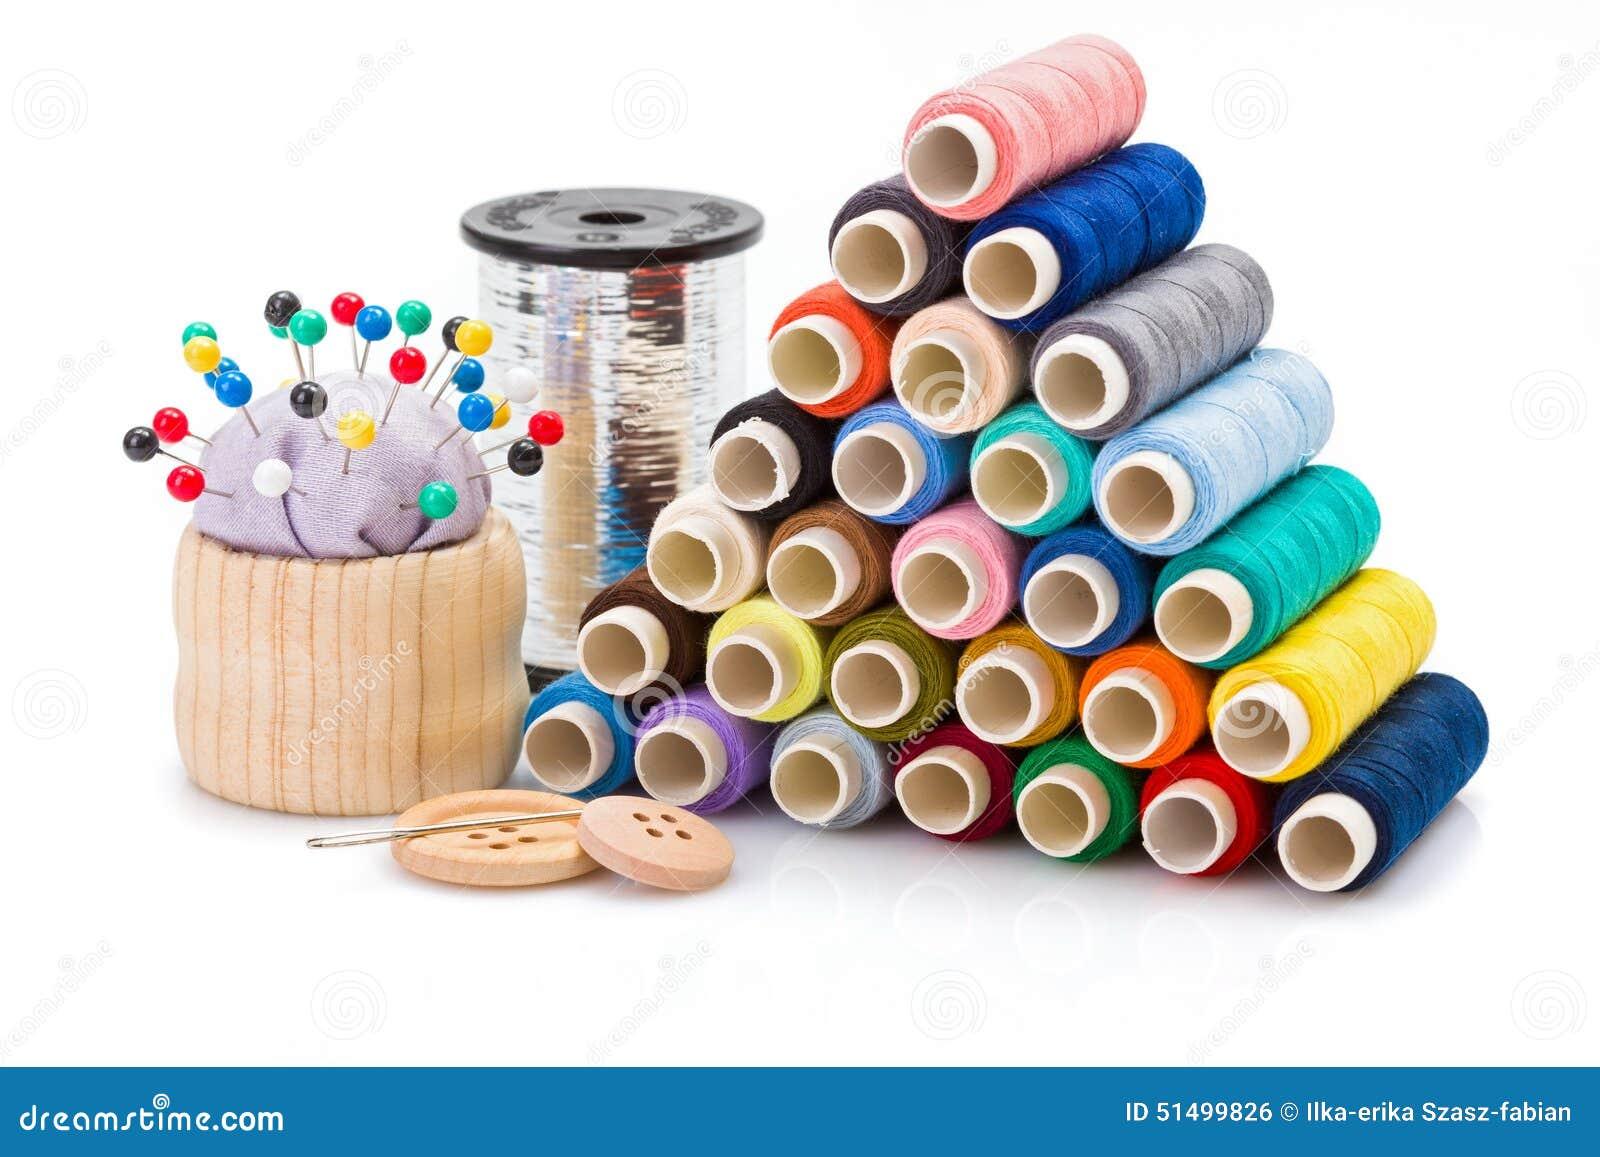 Linhas De Costura Coloridas E Outros Acessórios Da Costura